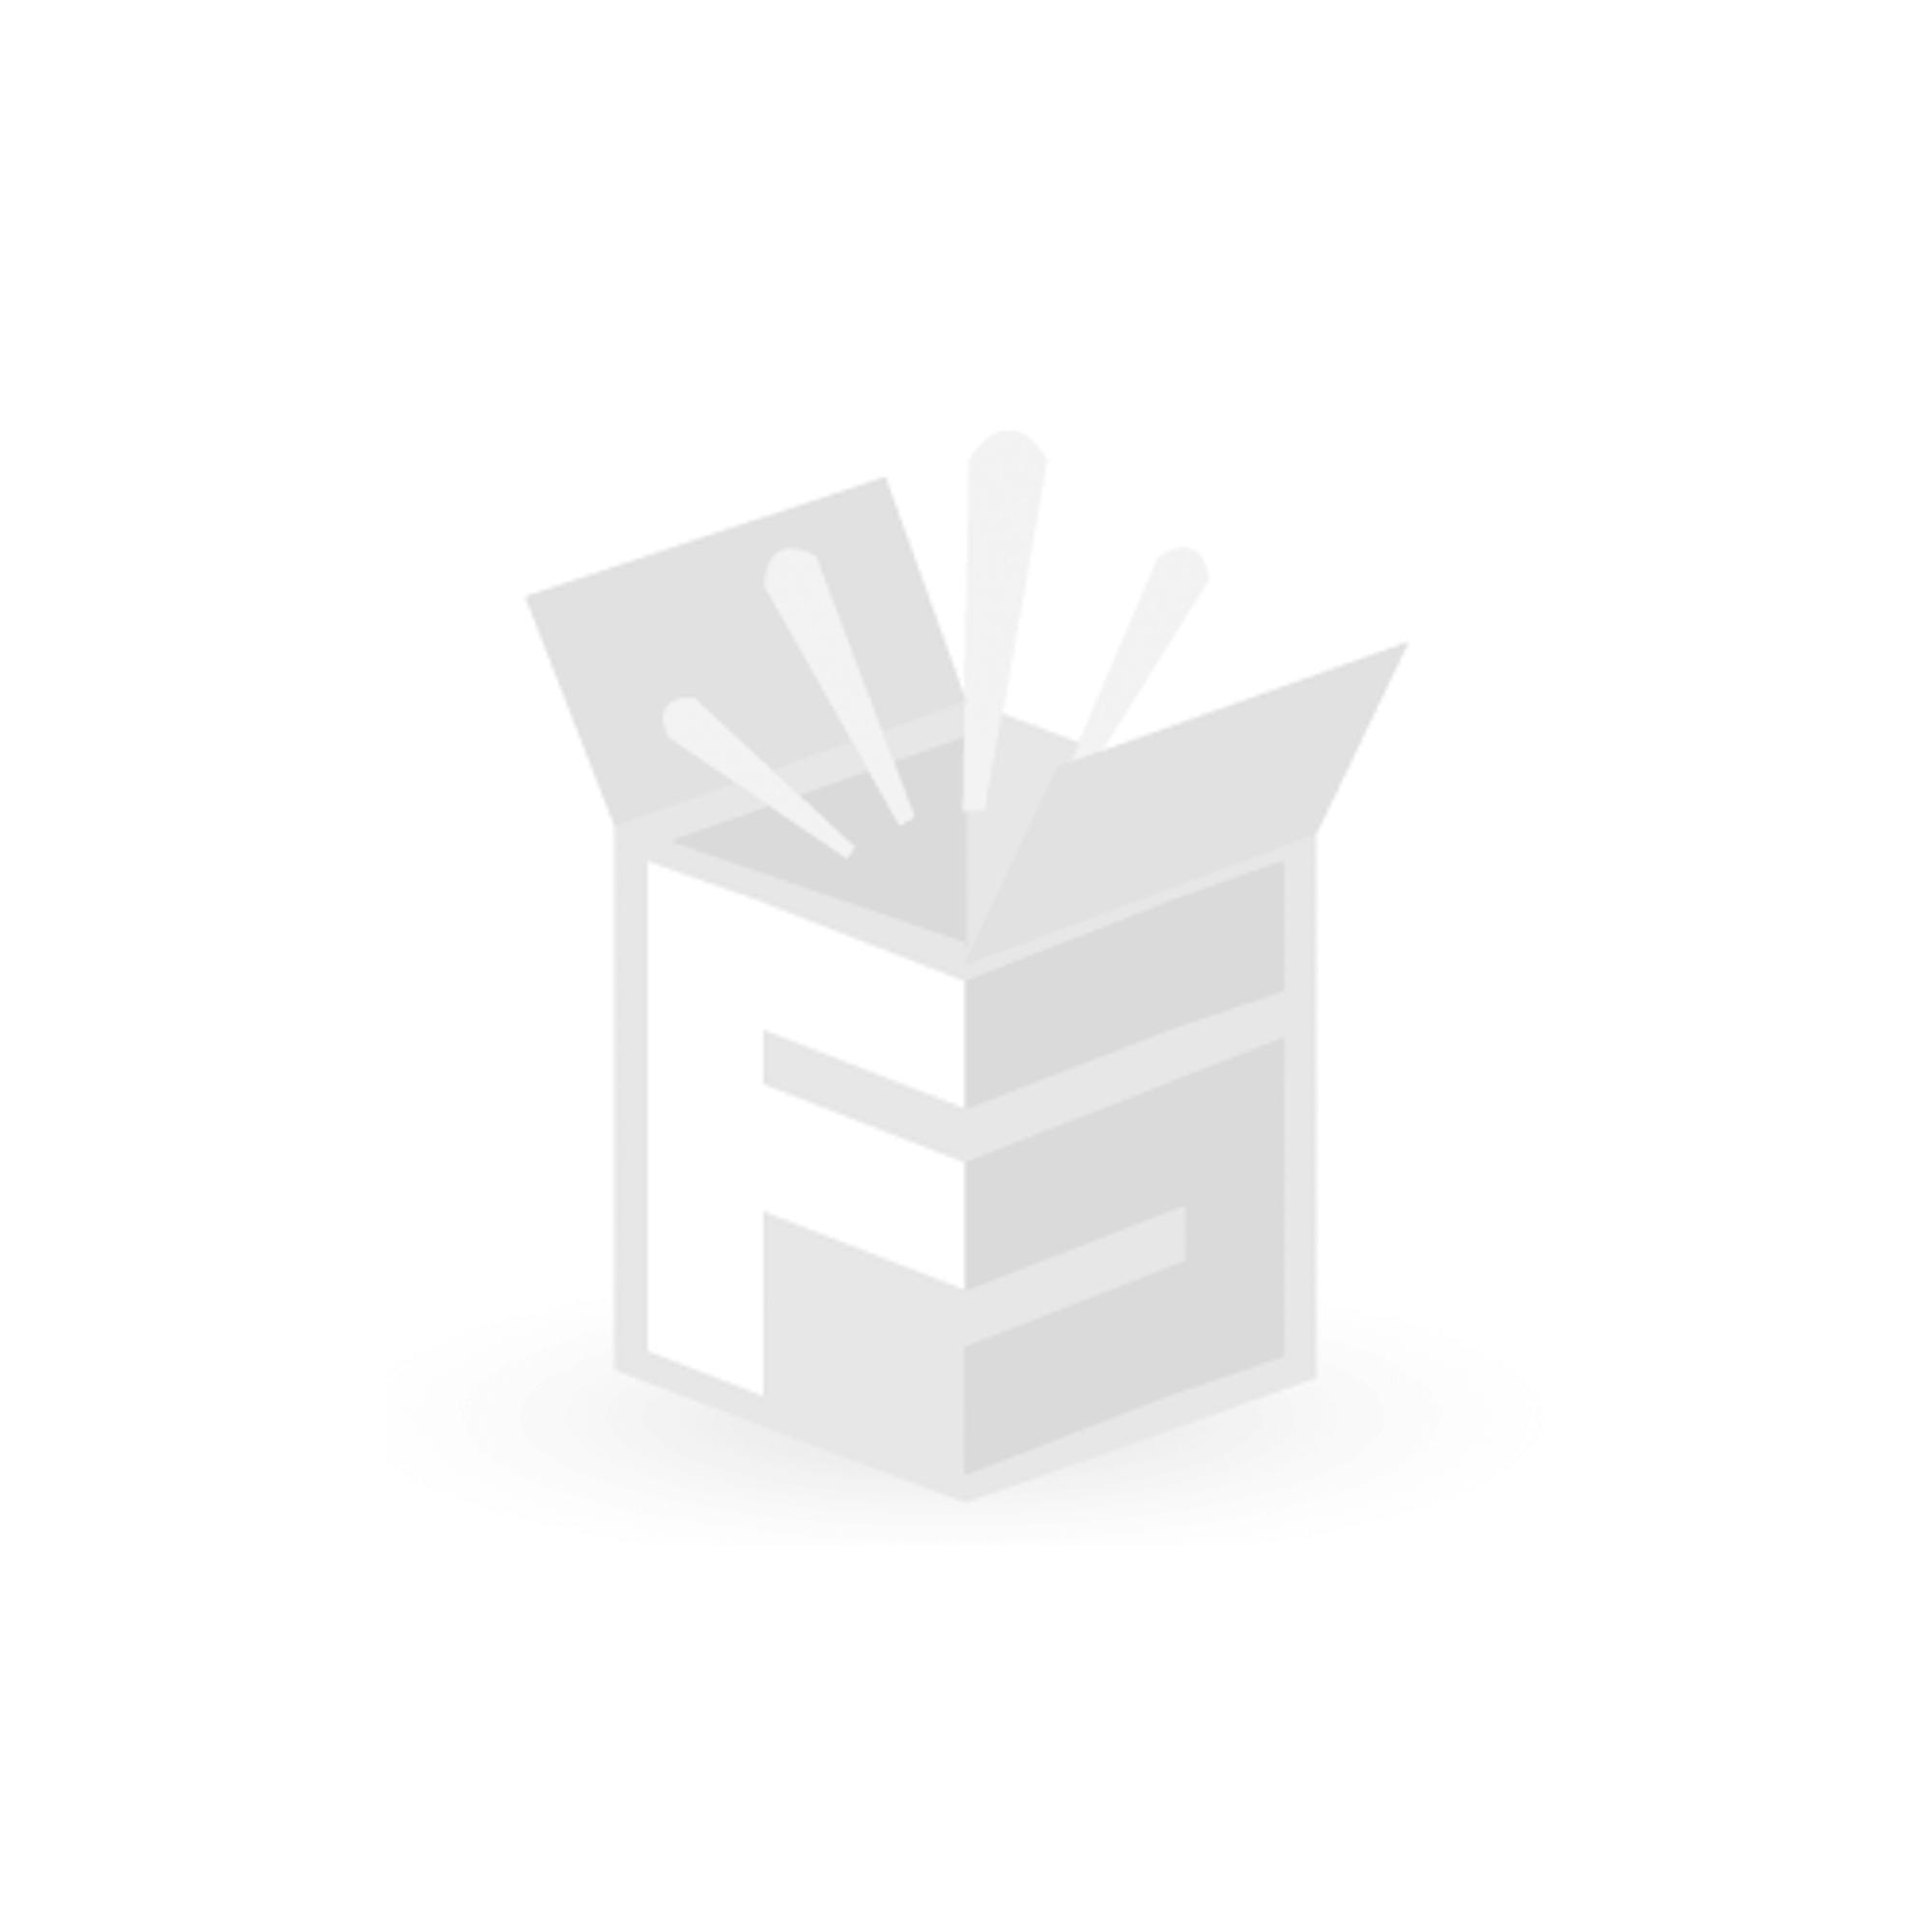 Contini höhenverstellbarer Bürotisch 1.8x0.8m weiss / Gestell weiss